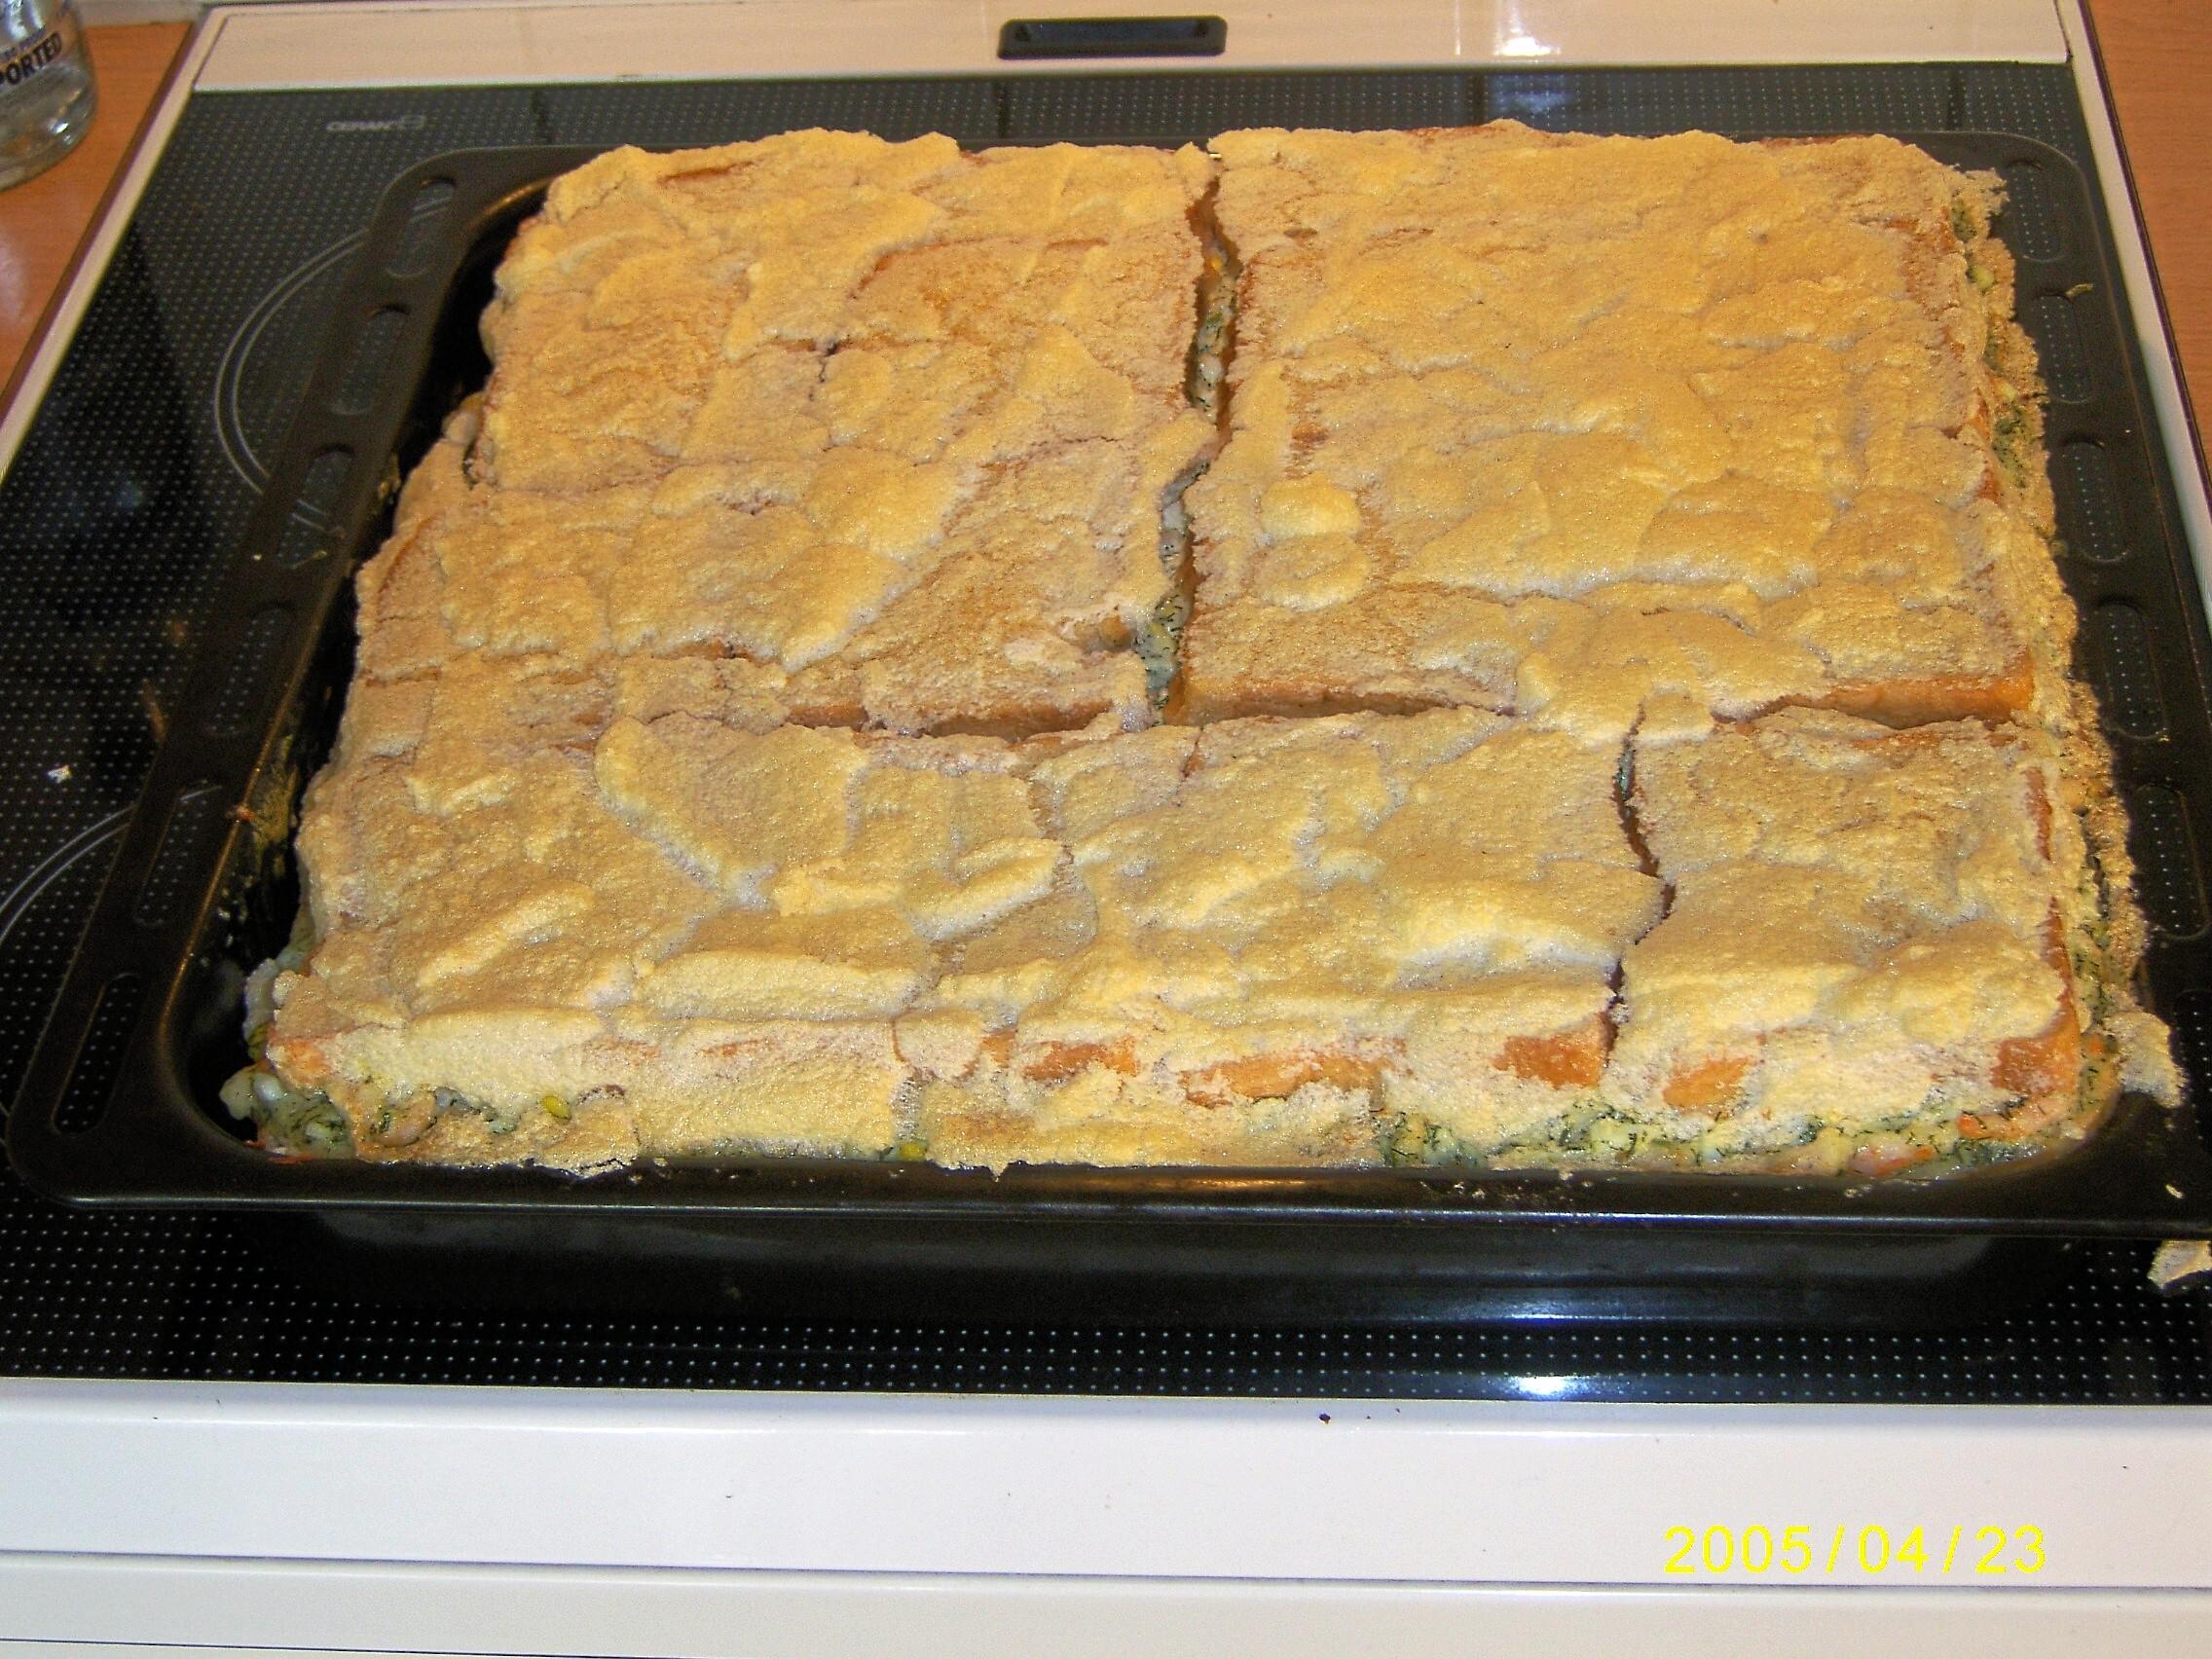 skink fyllning till smörgåstårta